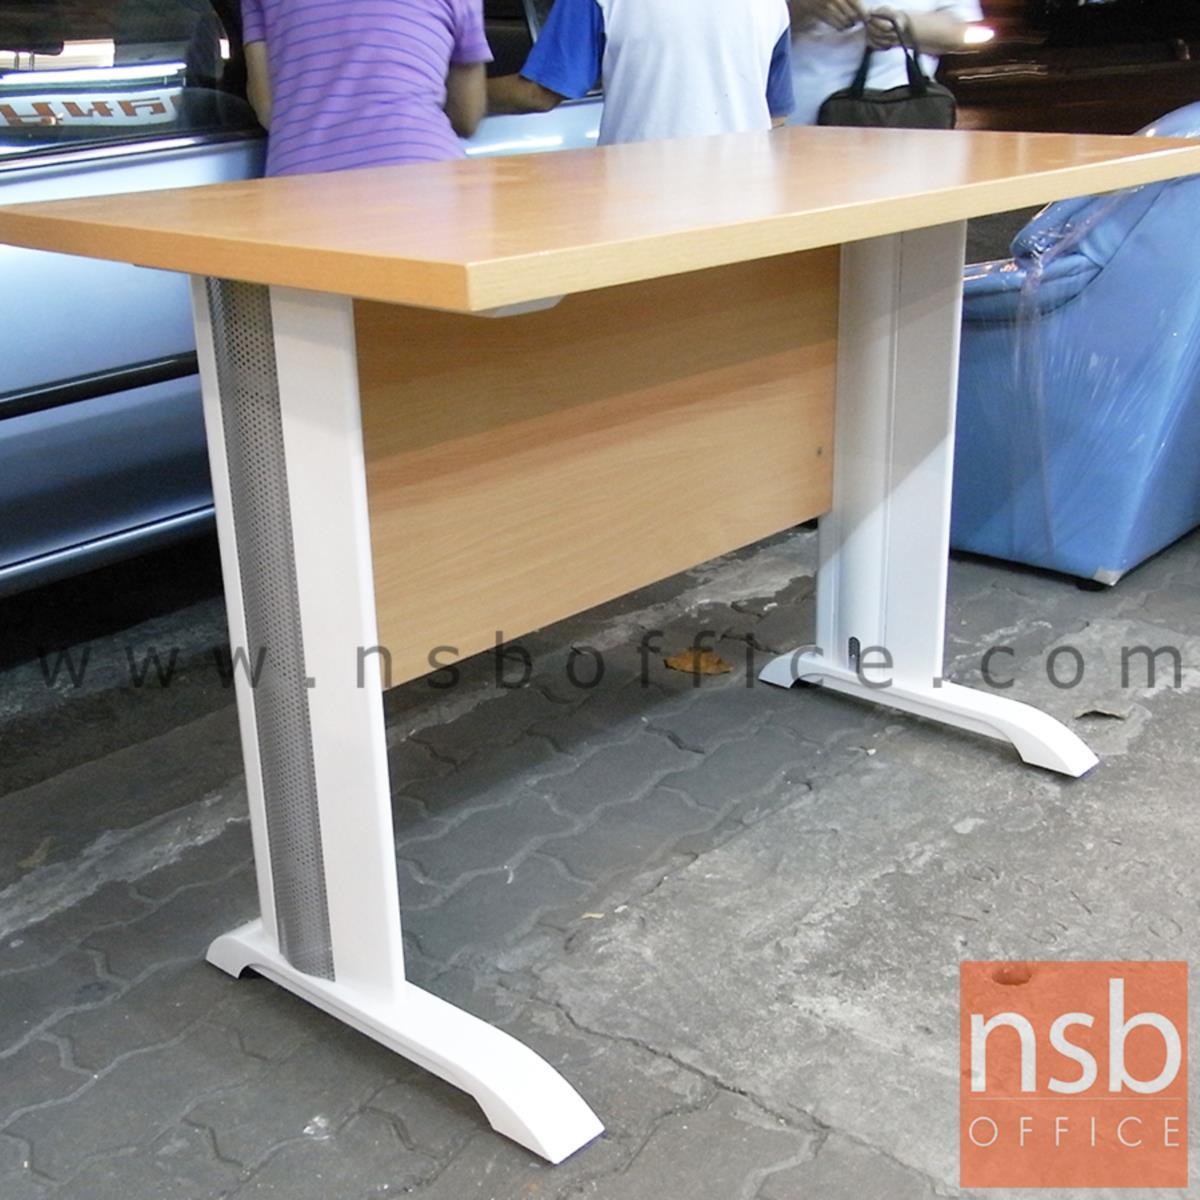 โต๊ะทำงาน รุ่น Knightshayes (ไนท์เฮย์ส) ขนาด 120W ,135W ,150W ,160W ,180W (60D, 75D, 80D) cm.  เมลามีน